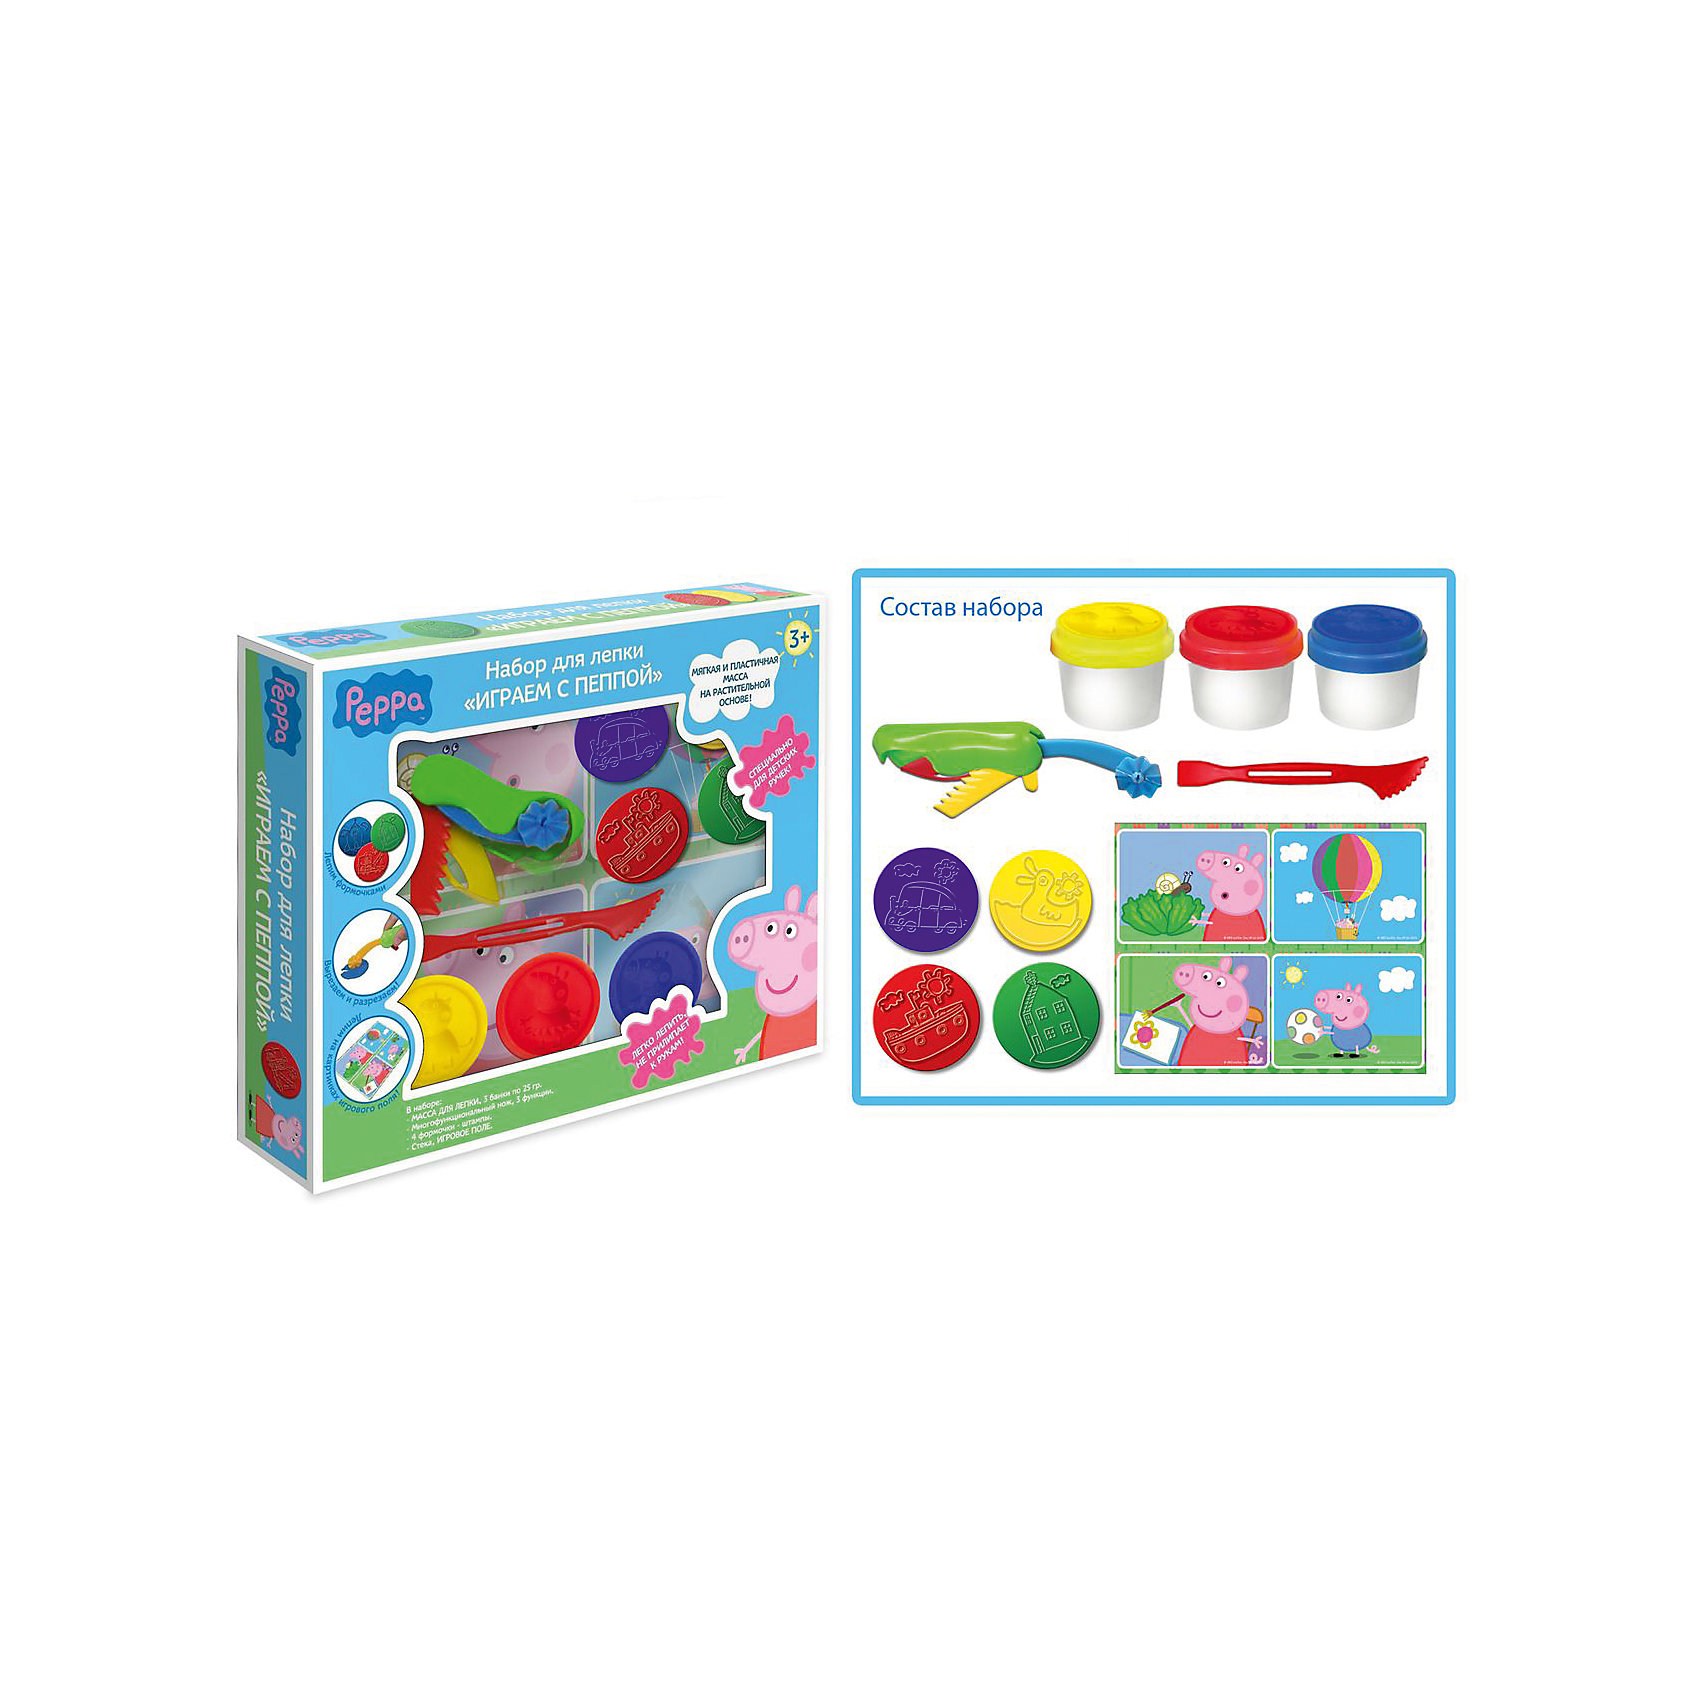 Набор для лепки Играем с Пеппой (3*25 г) с формочкамиНабор для лепки Играем с Пеппой, Свинка Пеппа, замечательно подойдет для детского творчества и превратит лепку в увлекательную игру. Яркие цвета, разнообразные фигурные формочки и инструменты для лепки открывают ребенку простор для творческих экспериментов и позволят создать множество оригинальных поделок. С помощью формочек-штампиков можно выдавливать из пластилина изображения любимых героев из популярного мультфильма Свинка Пеппа (Peppa Pig), а инструкция подскажет как лучше смешивать цвета и создавать забавные фигурки.<br>Специальный фигурный нож позволит вырезать различные детали из пластилина. В комплект также входит игровое поле с рисунками, которые можно украсить массой для лепки. Масса обладает отличными пластичными свойствами, мягкая, приятная на ощупь, не прилипает к рукам.<br>Состав содержит растительную основу, поэтому масса полностью безопасна при использовании по назначению. Комплект упакован в красочную картонную коробку с изображением главной героини любимого мультфильма. Занятия лепкой развивают у ребенка фантазию, творческие способности и объемное воображение, тренируют координацию движений и мелкую моторику.<br><br>Дополнительная информация:<br><br>- В комплекте: масса для лепки 3 цветов (красный, желтый, синий) в баночках по 25 гр. с крышками-формочками героев мультфильма, раскладной нож с 3 функциями, 4 формочки-штампика, игровое поле, стека.<br>- Размер упаковки: 26 x 21 x 4 см.<br>- Вес: 0,275 кг.<br><br>Набор для лепки Играем с Пеппой (3 х 25 гр.), Свинка Пеппа, можно купить в нашем интернет-магазине.<br><br>Ширина мм: 260<br>Глубина мм: 210<br>Высота мм: 40<br>Вес г: 275<br>Возраст от месяцев: 36<br>Возраст до месяцев: 108<br>Пол: Унисекс<br>Возраст: Детский<br>SKU: 4062796